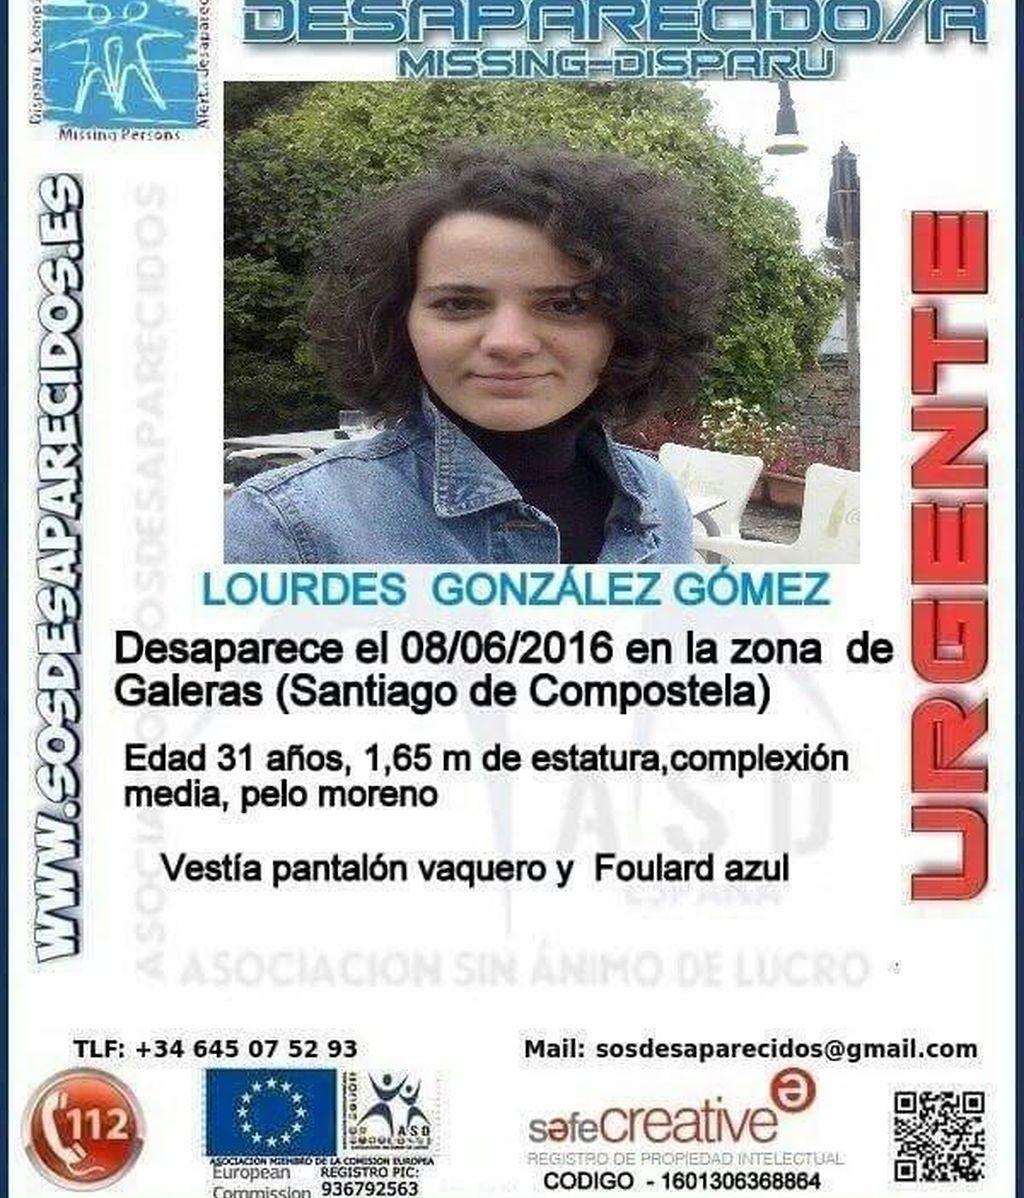 Desaparecida en Santiago de Compostela